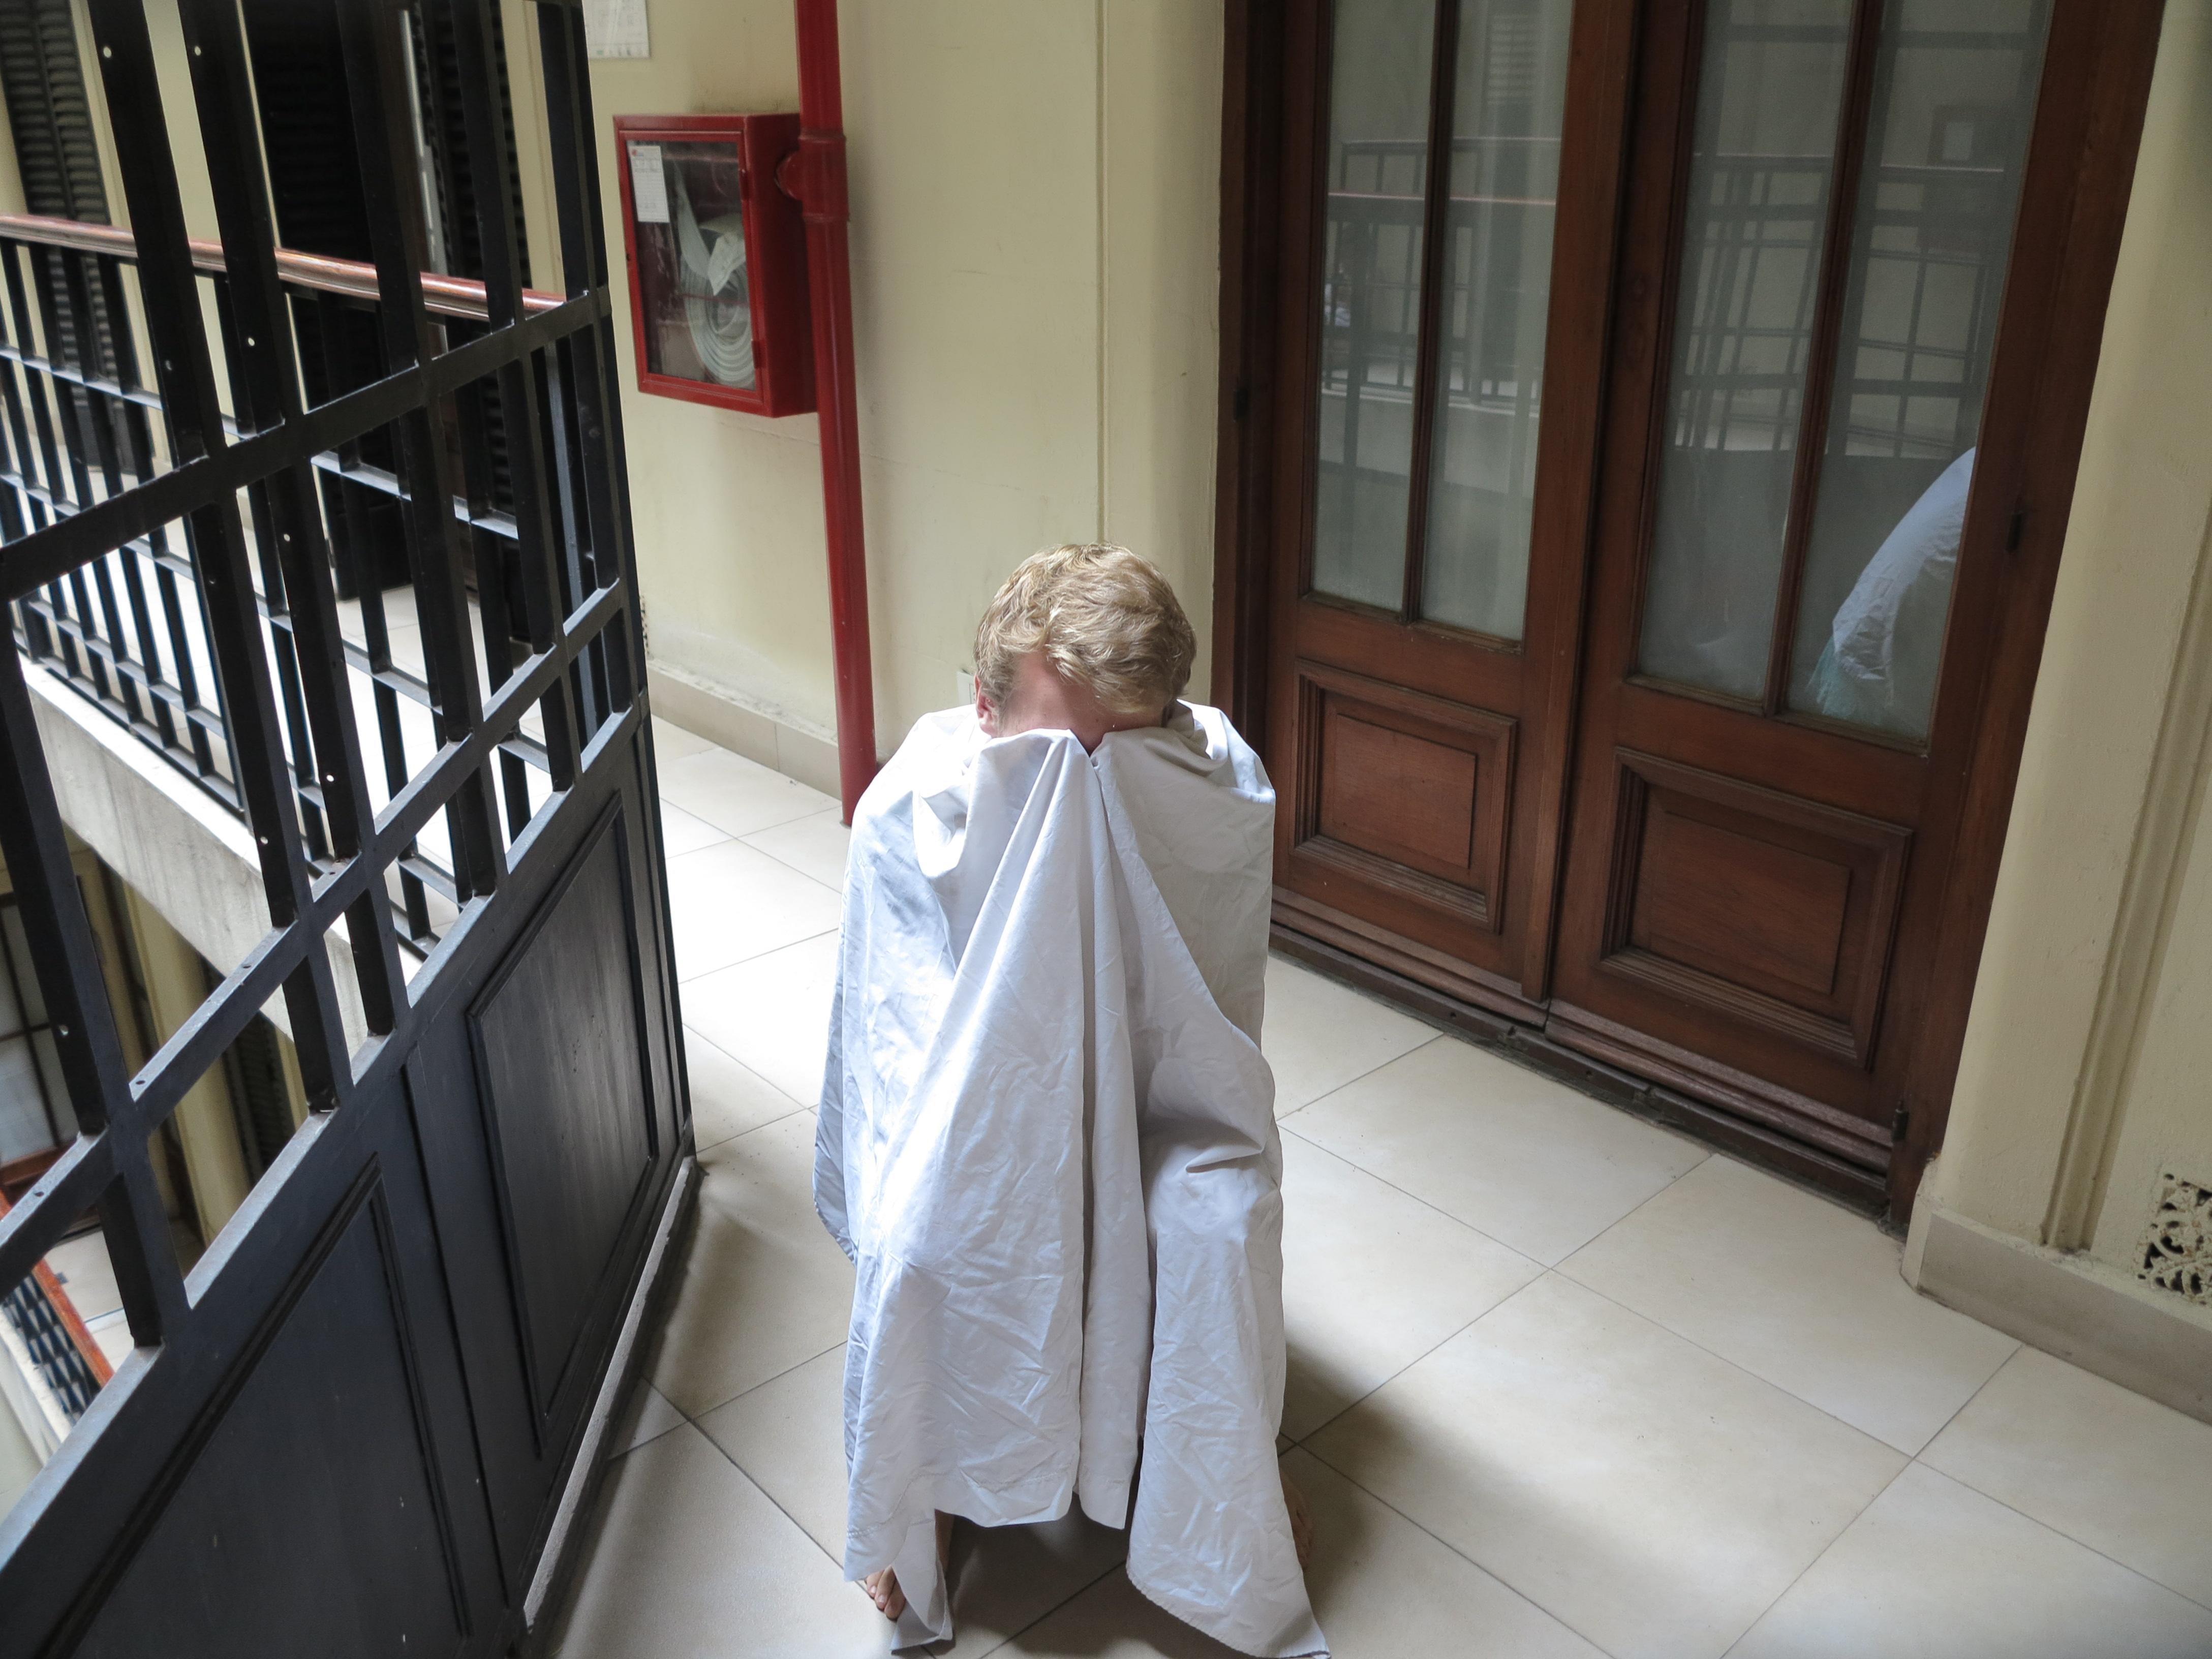 05.12.16 Da wir kein Geld für den Friseur hatten, durfte sich Leo an Andys Haaren versuchen - mit einer Nagelschere auf dem Gang vor unserem Zimmer.